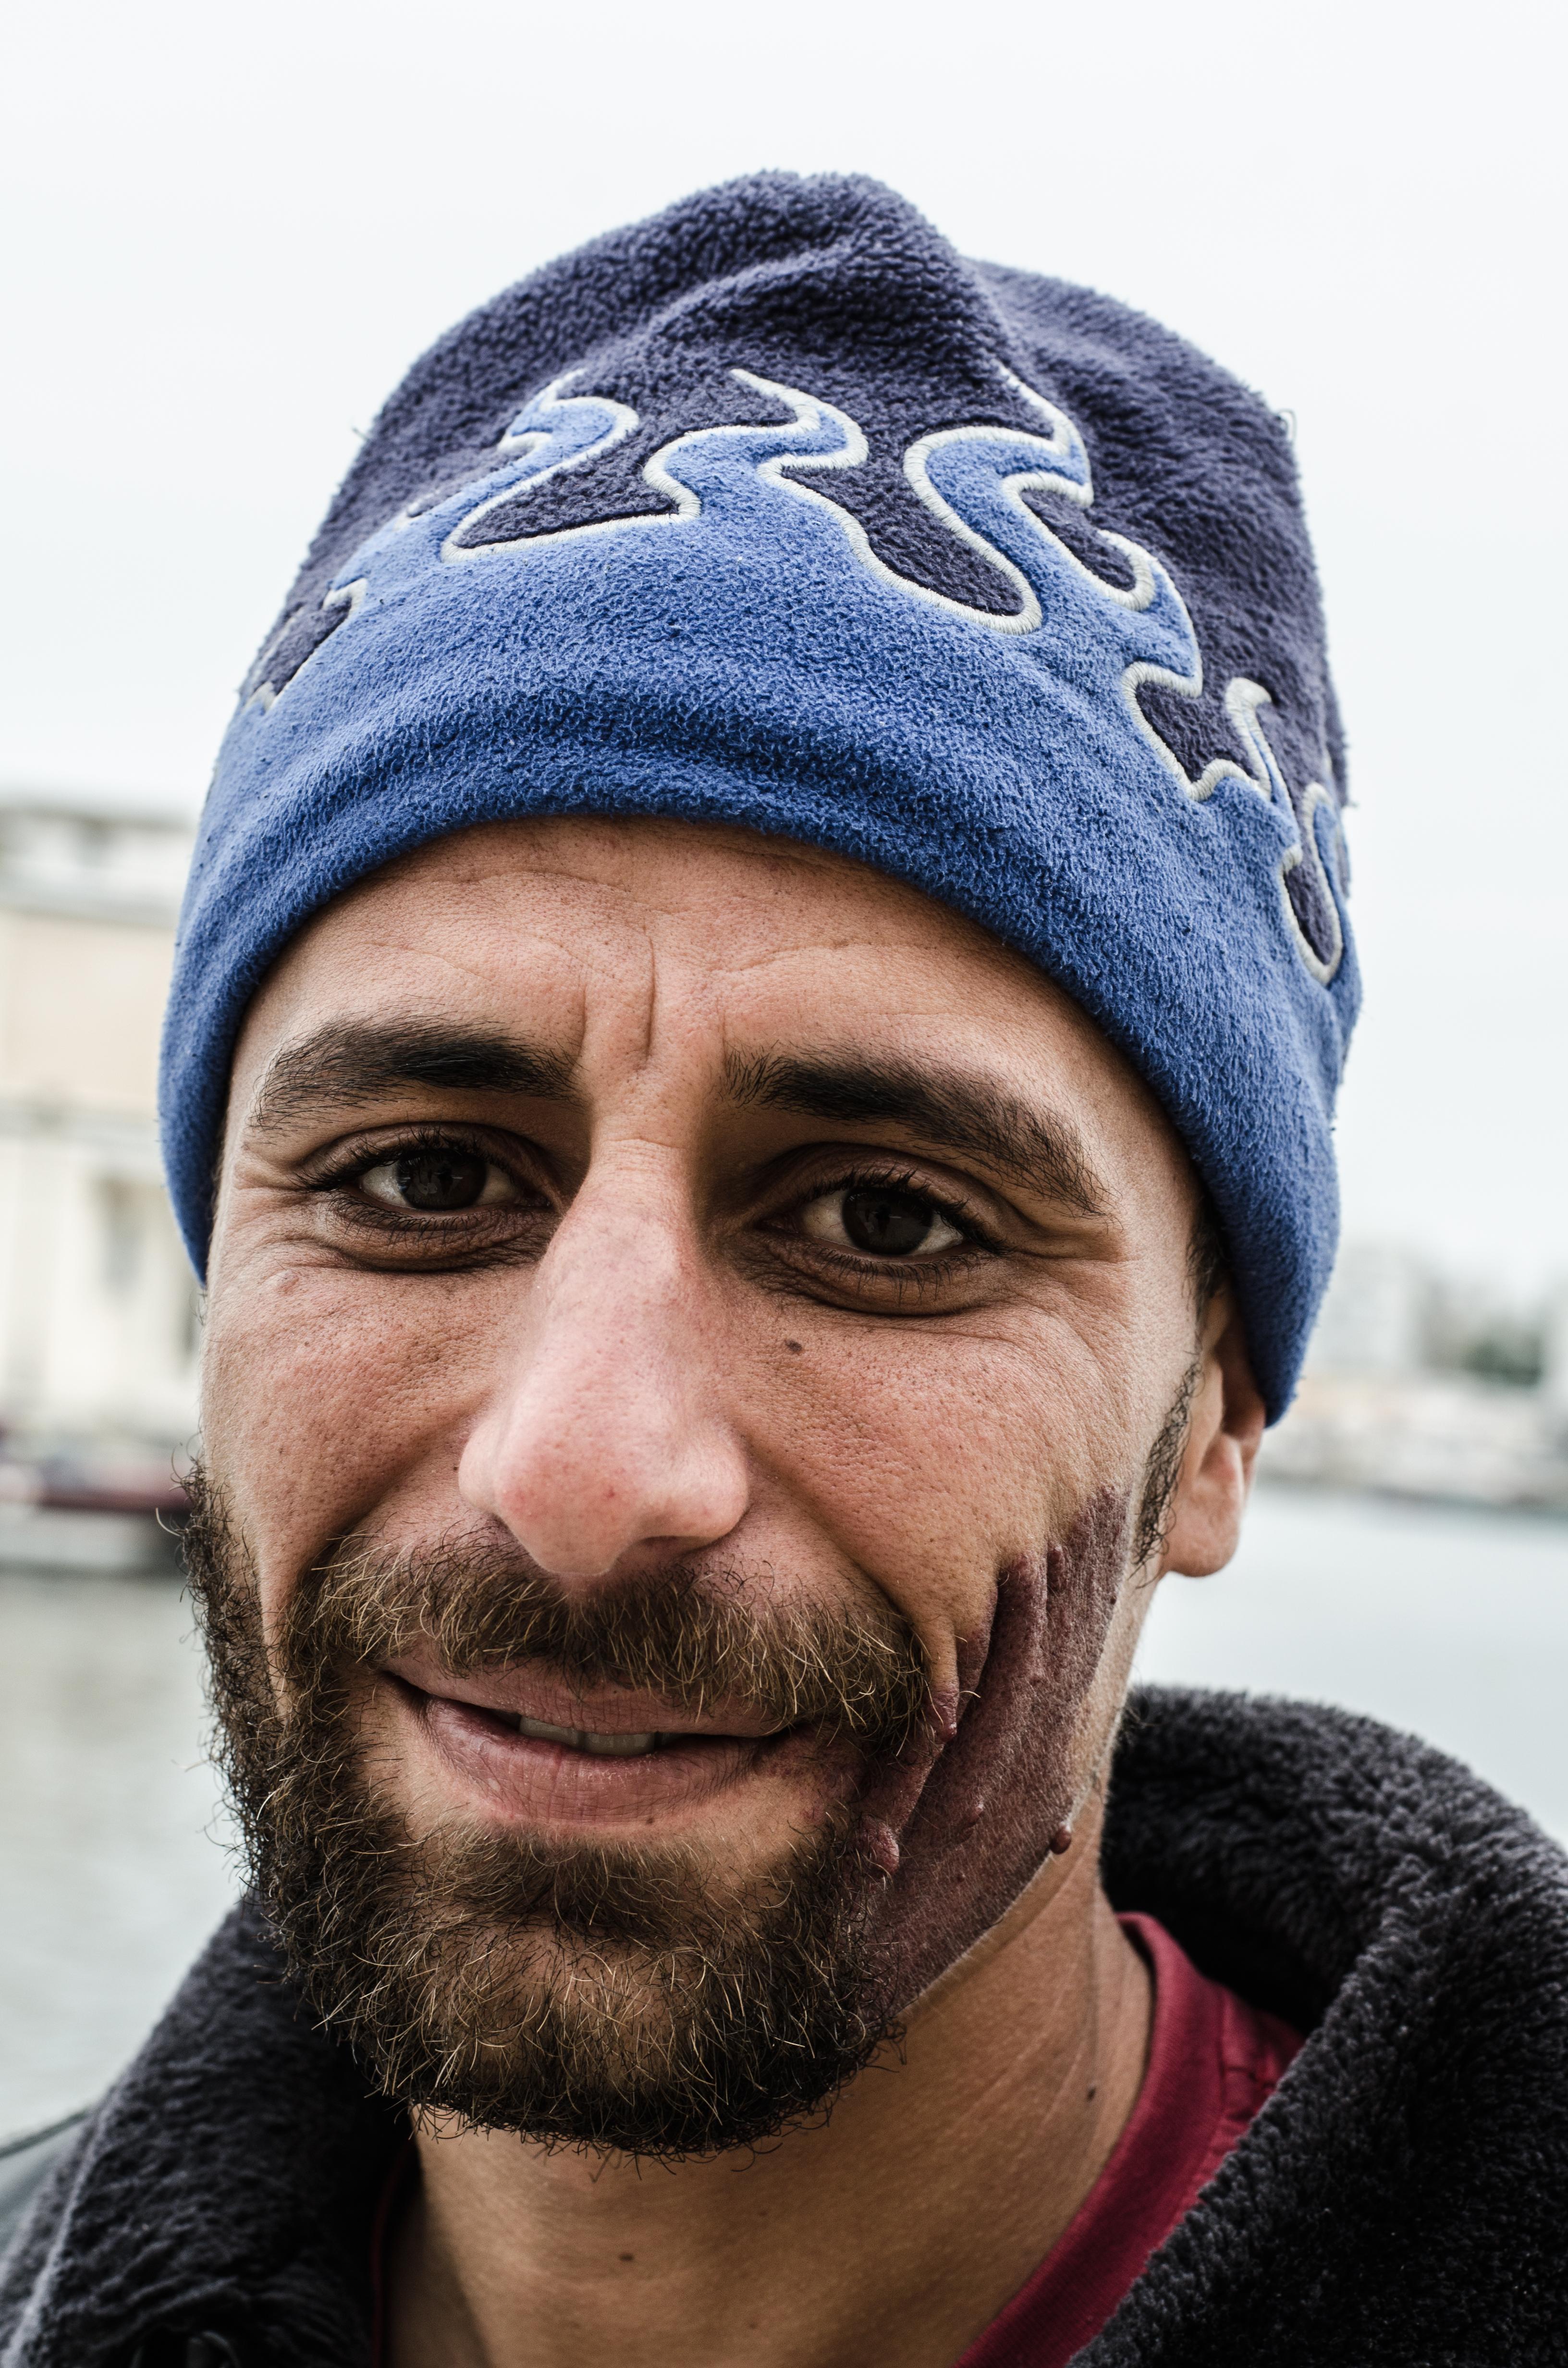 Der 29-jährige Khaled Fris hält sich mit Gelegenheitsjobs über Wasser. In seinen alten Beruf will er auf keinen Fall zurückkehren. Das Leben als Küstenfischer gerät immer mehr zum Auslaufmodell in Bizerte.